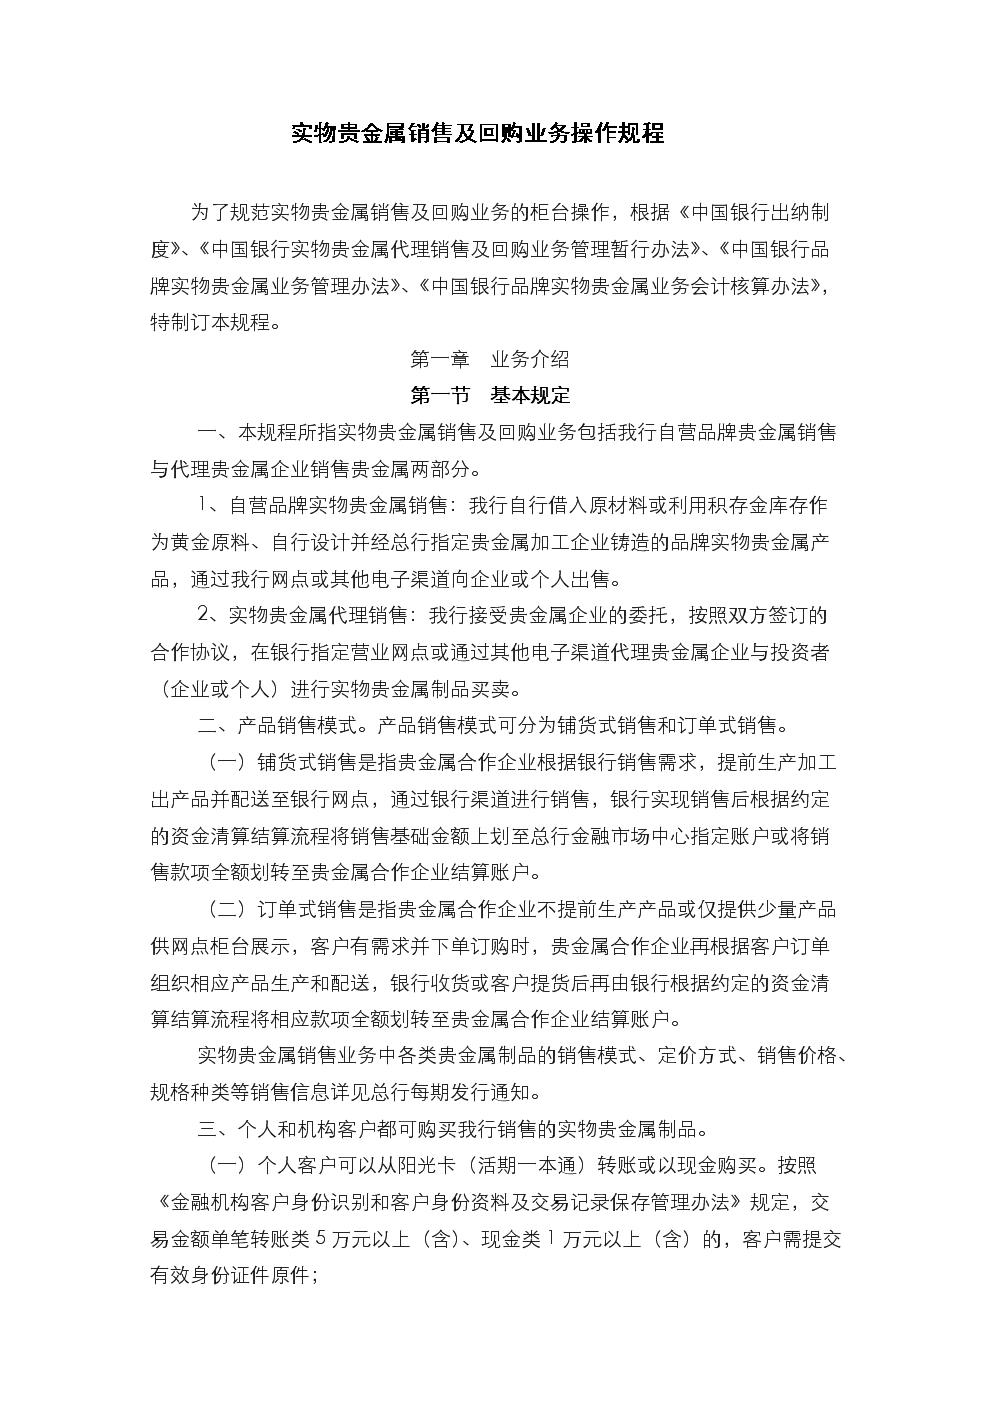 银行实物贵金属销售业务操作规程模版.docx